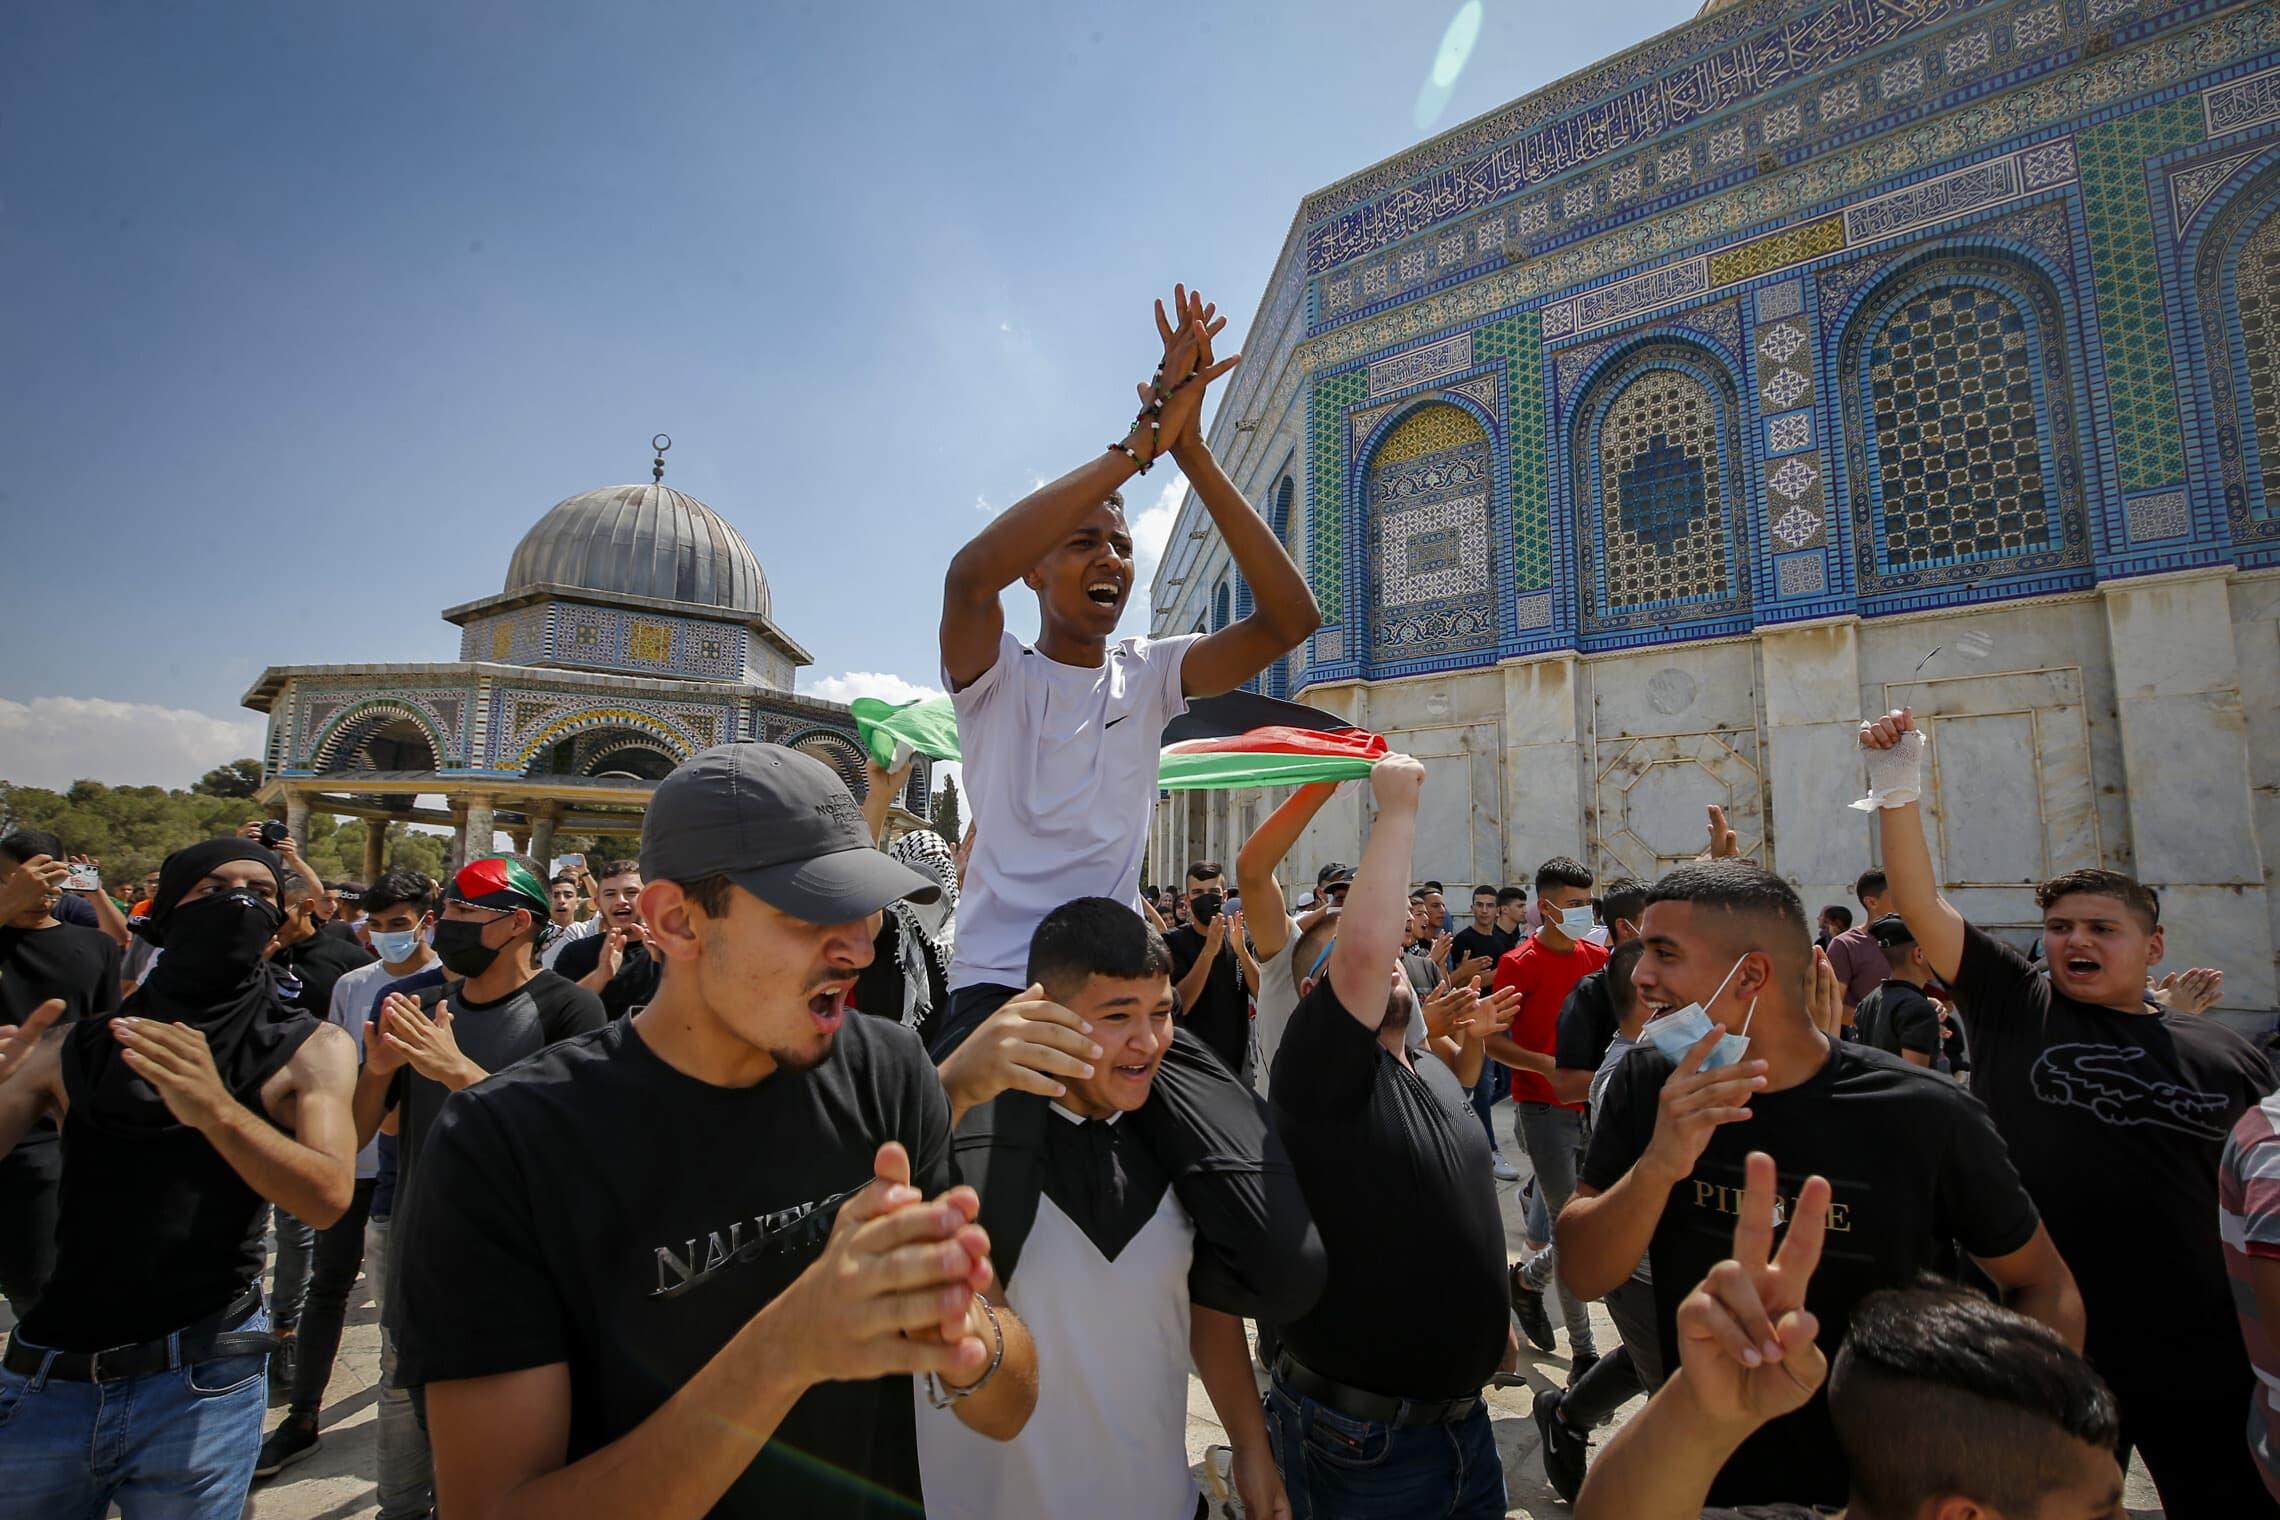 פלסטינים מפגינים באל-אקצה, 10 בספטמבר 2021 (צילום: Jamal Awad/Flash90)